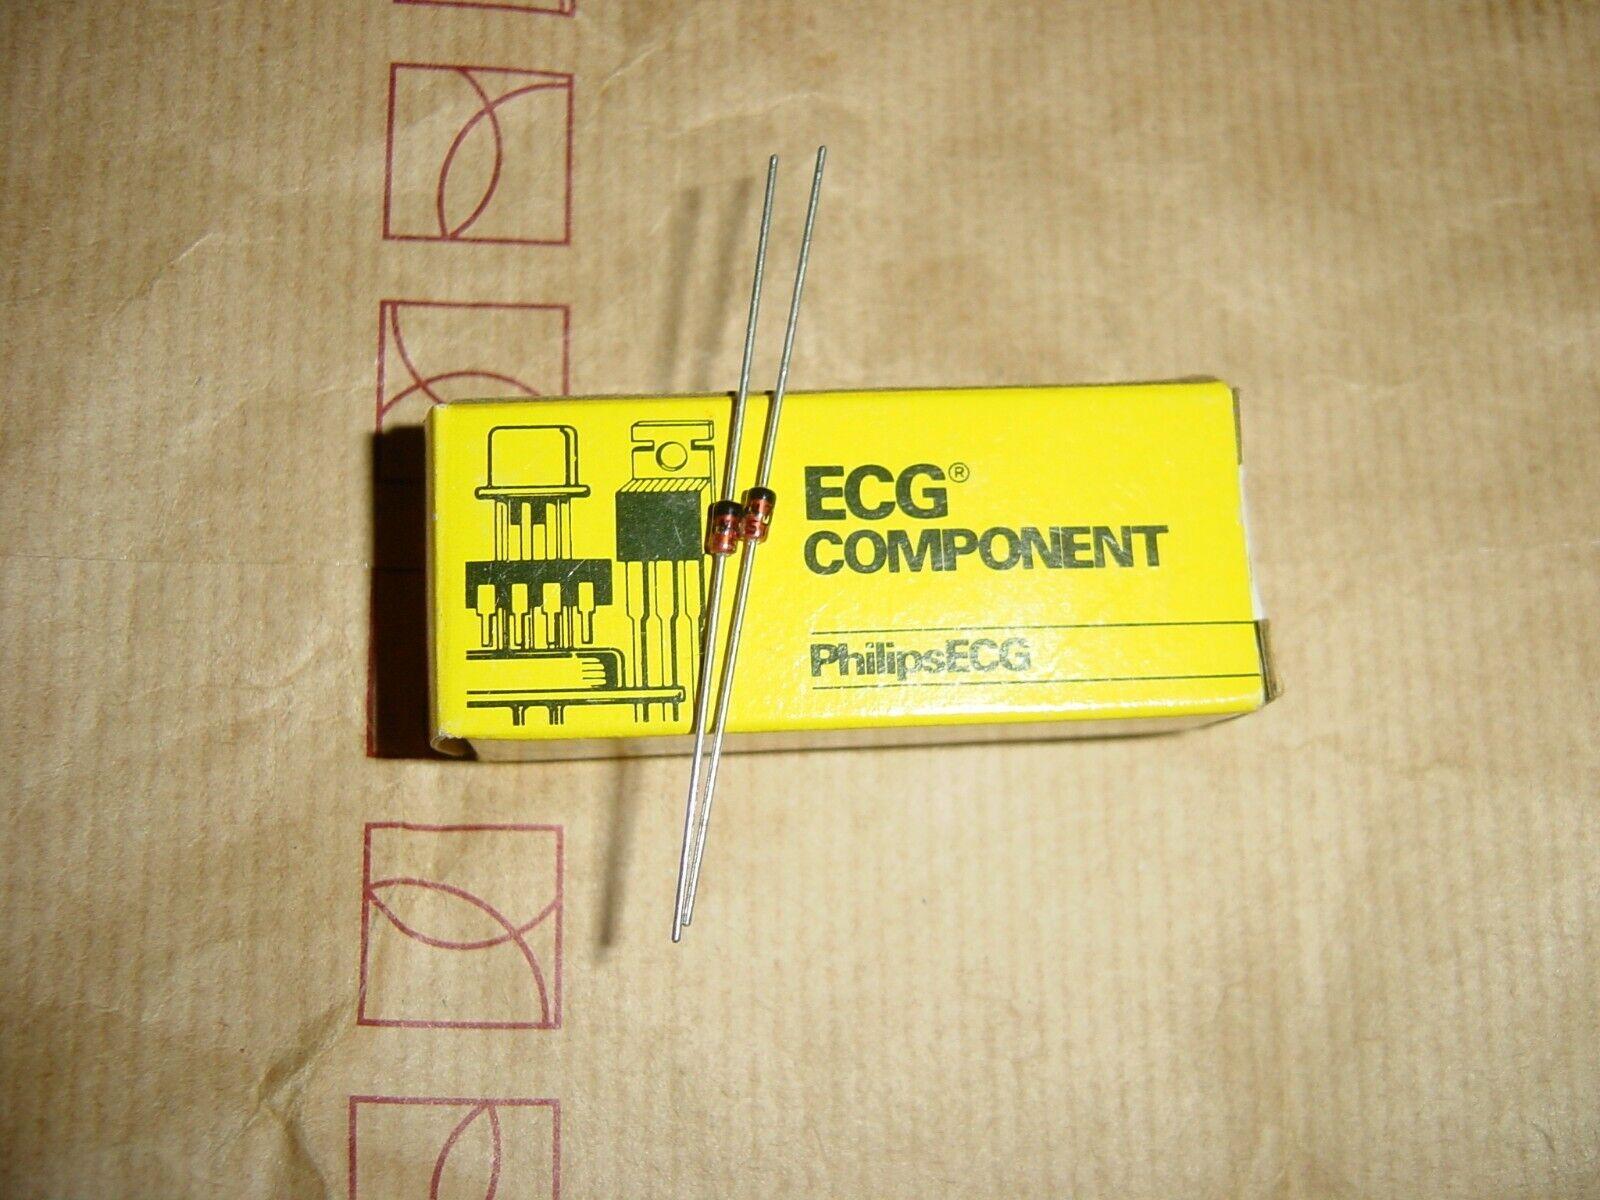 2x nte145a diodo Zener 1w 15v do41//do15 individuales diodo 5ua nte Electronics